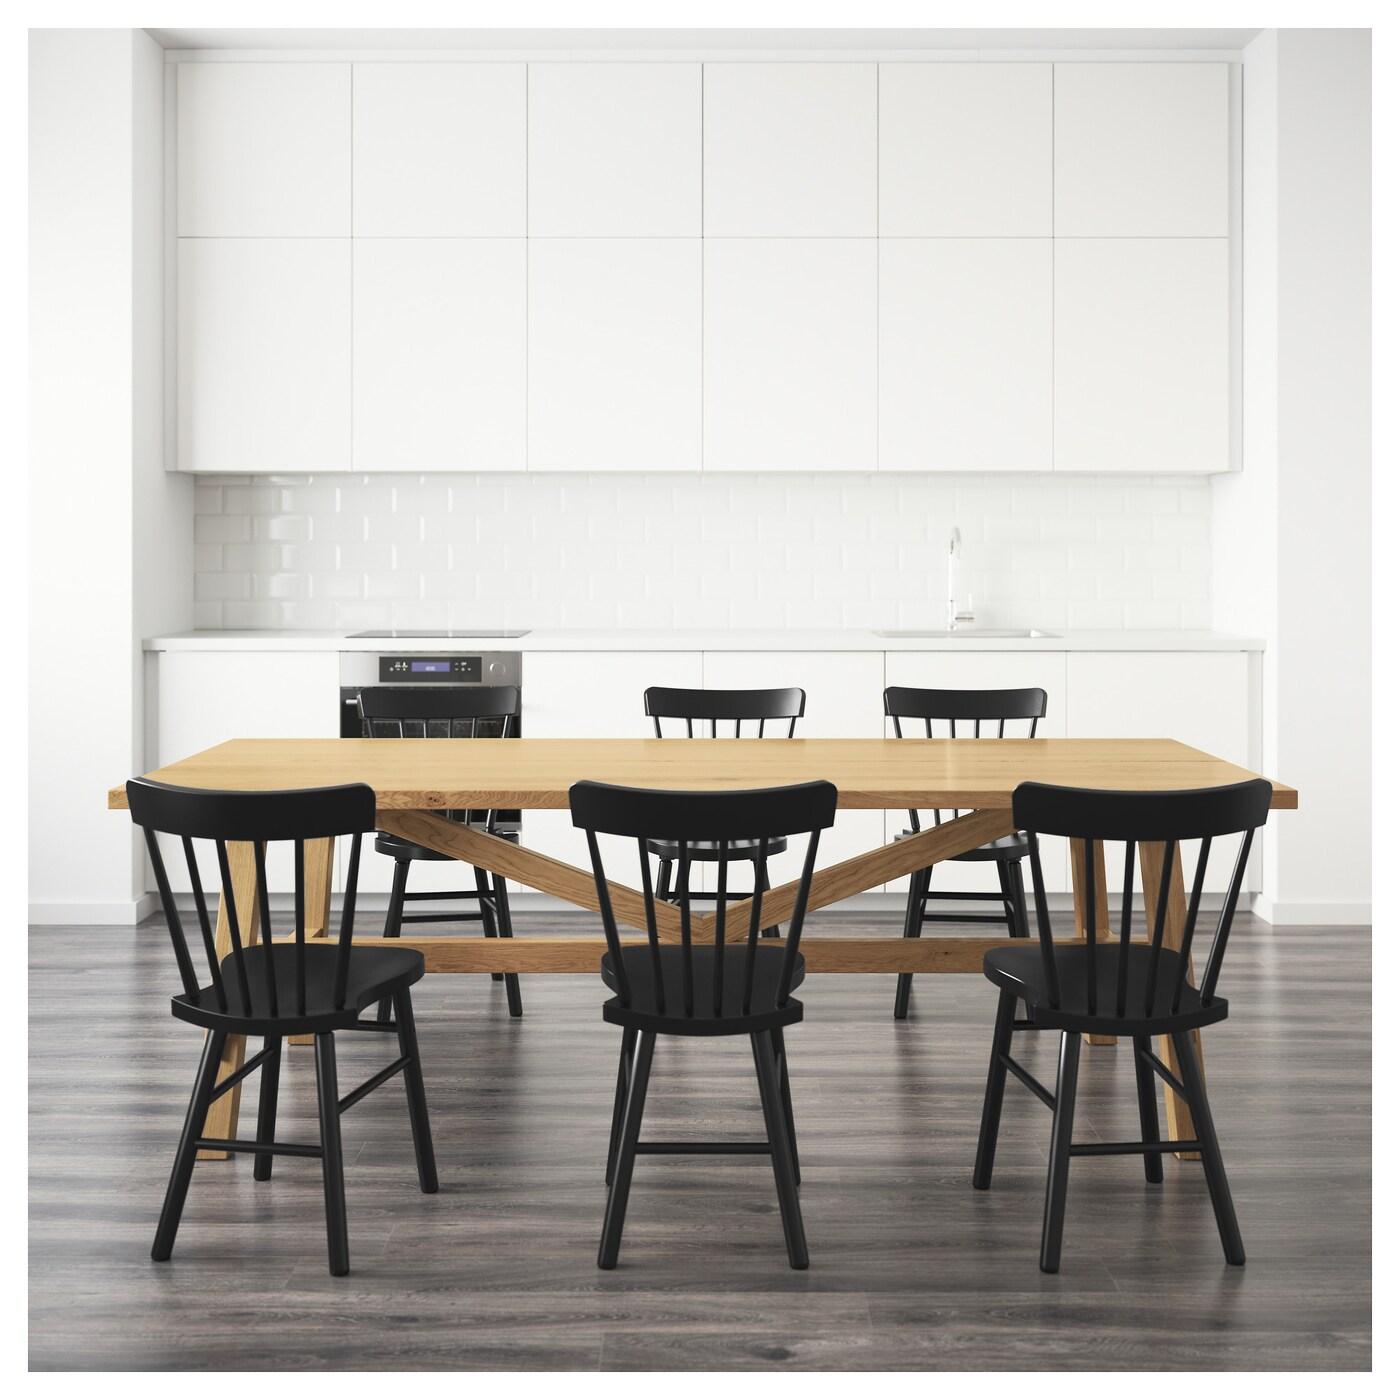 norraryd m ckelby table et 6 chaises ch ne noir 235x100 cm ikea. Black Bedroom Furniture Sets. Home Design Ideas